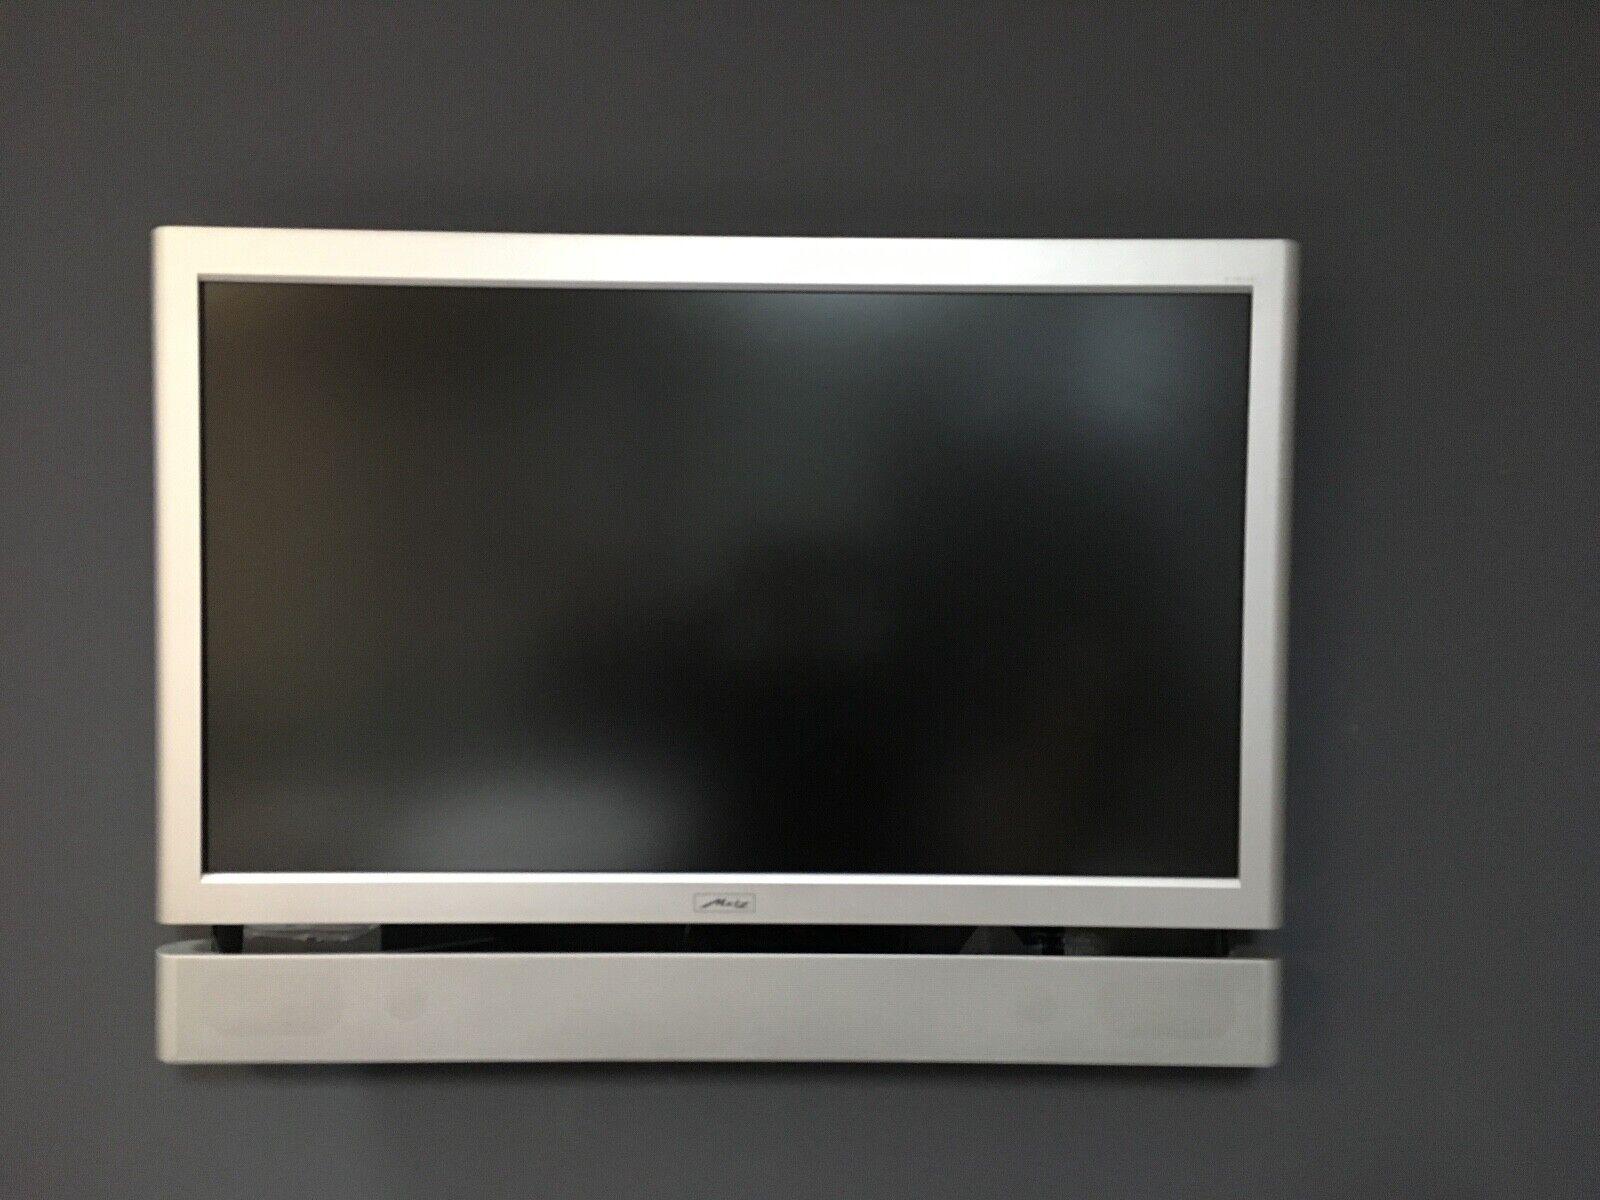 Fernseher METZ Linus 42 Zoll silber ohne Standfuß mit Fernbedienung